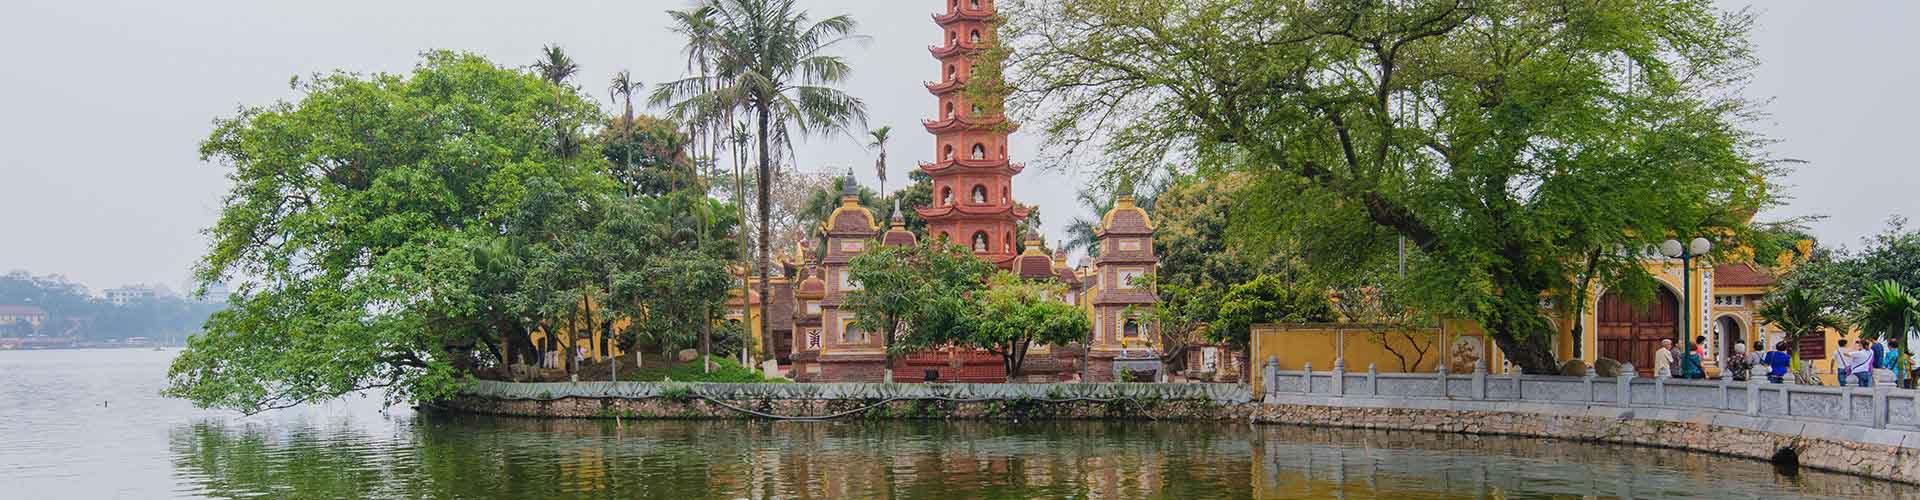 Hanoi - Albergues en Hanoi. Mapas de Hanoi, Fotos y Comentarios para cada Albergue en Hanoi.